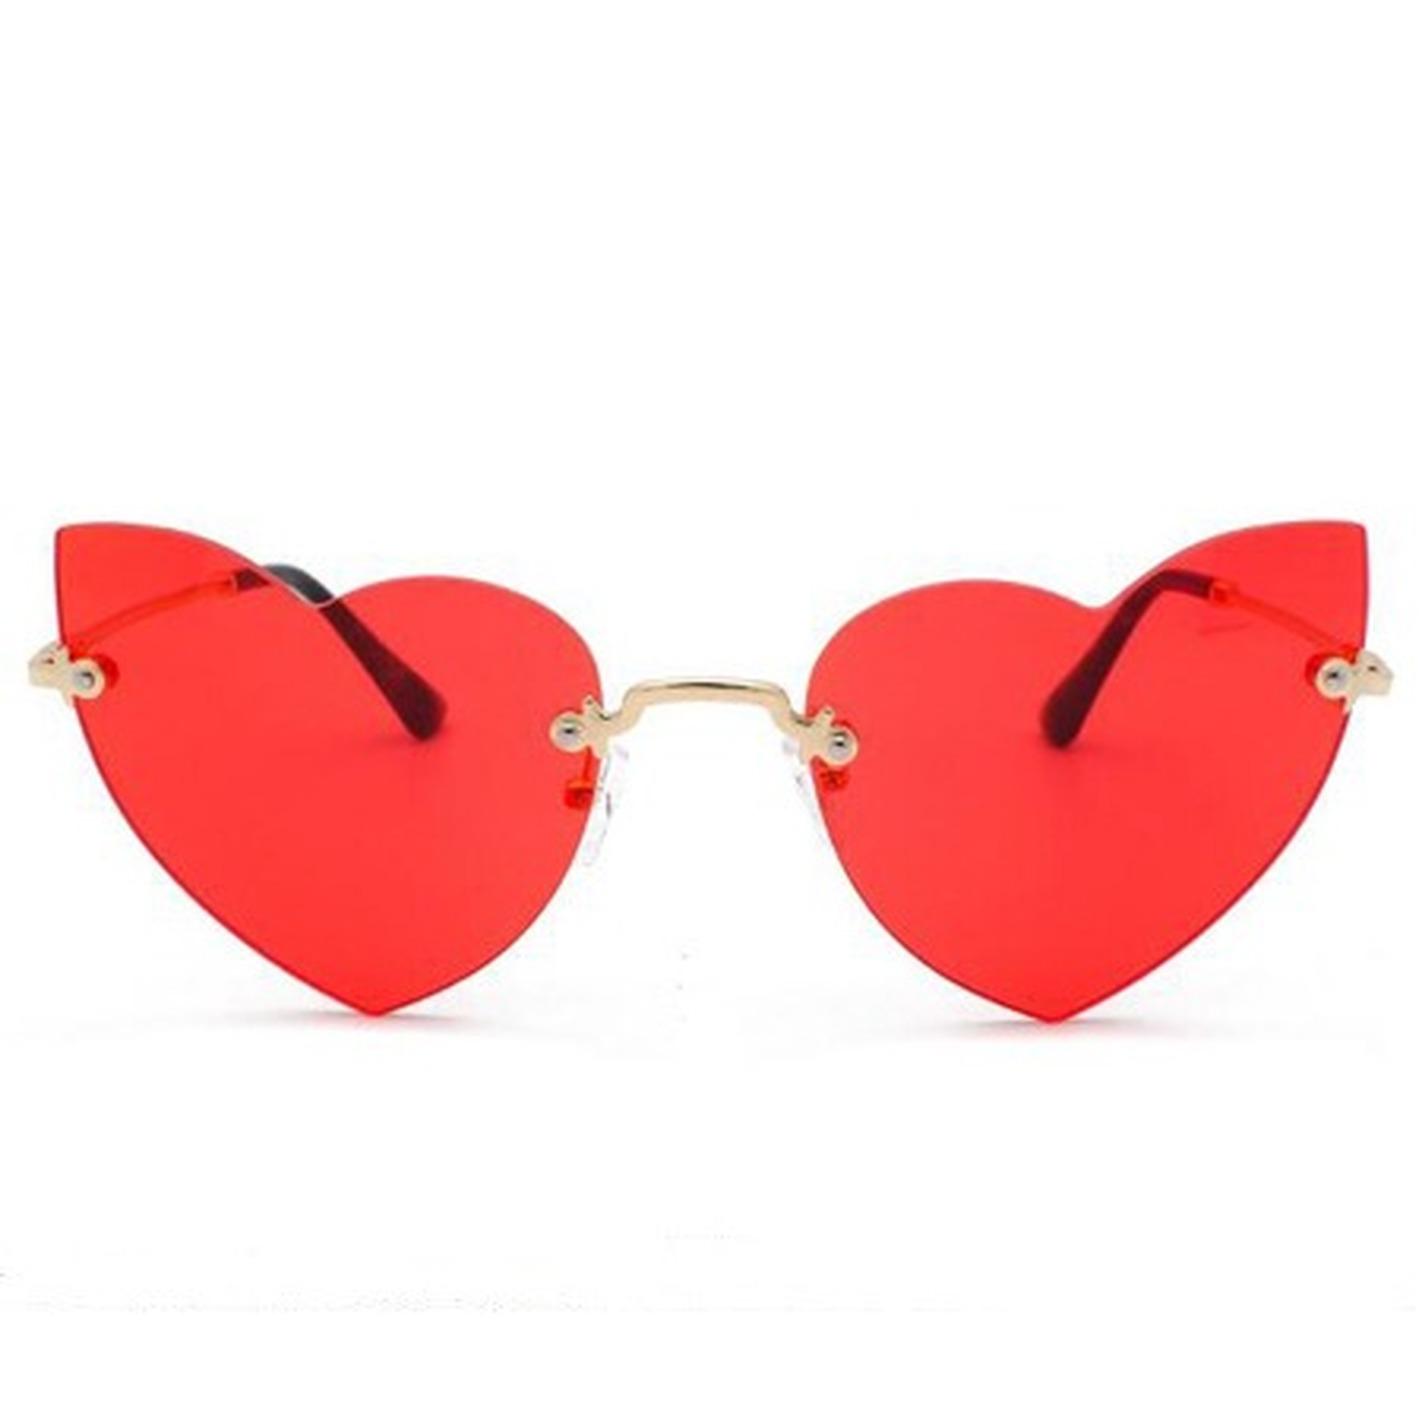 玛格丽特正红爱心太阳镜 SF60021